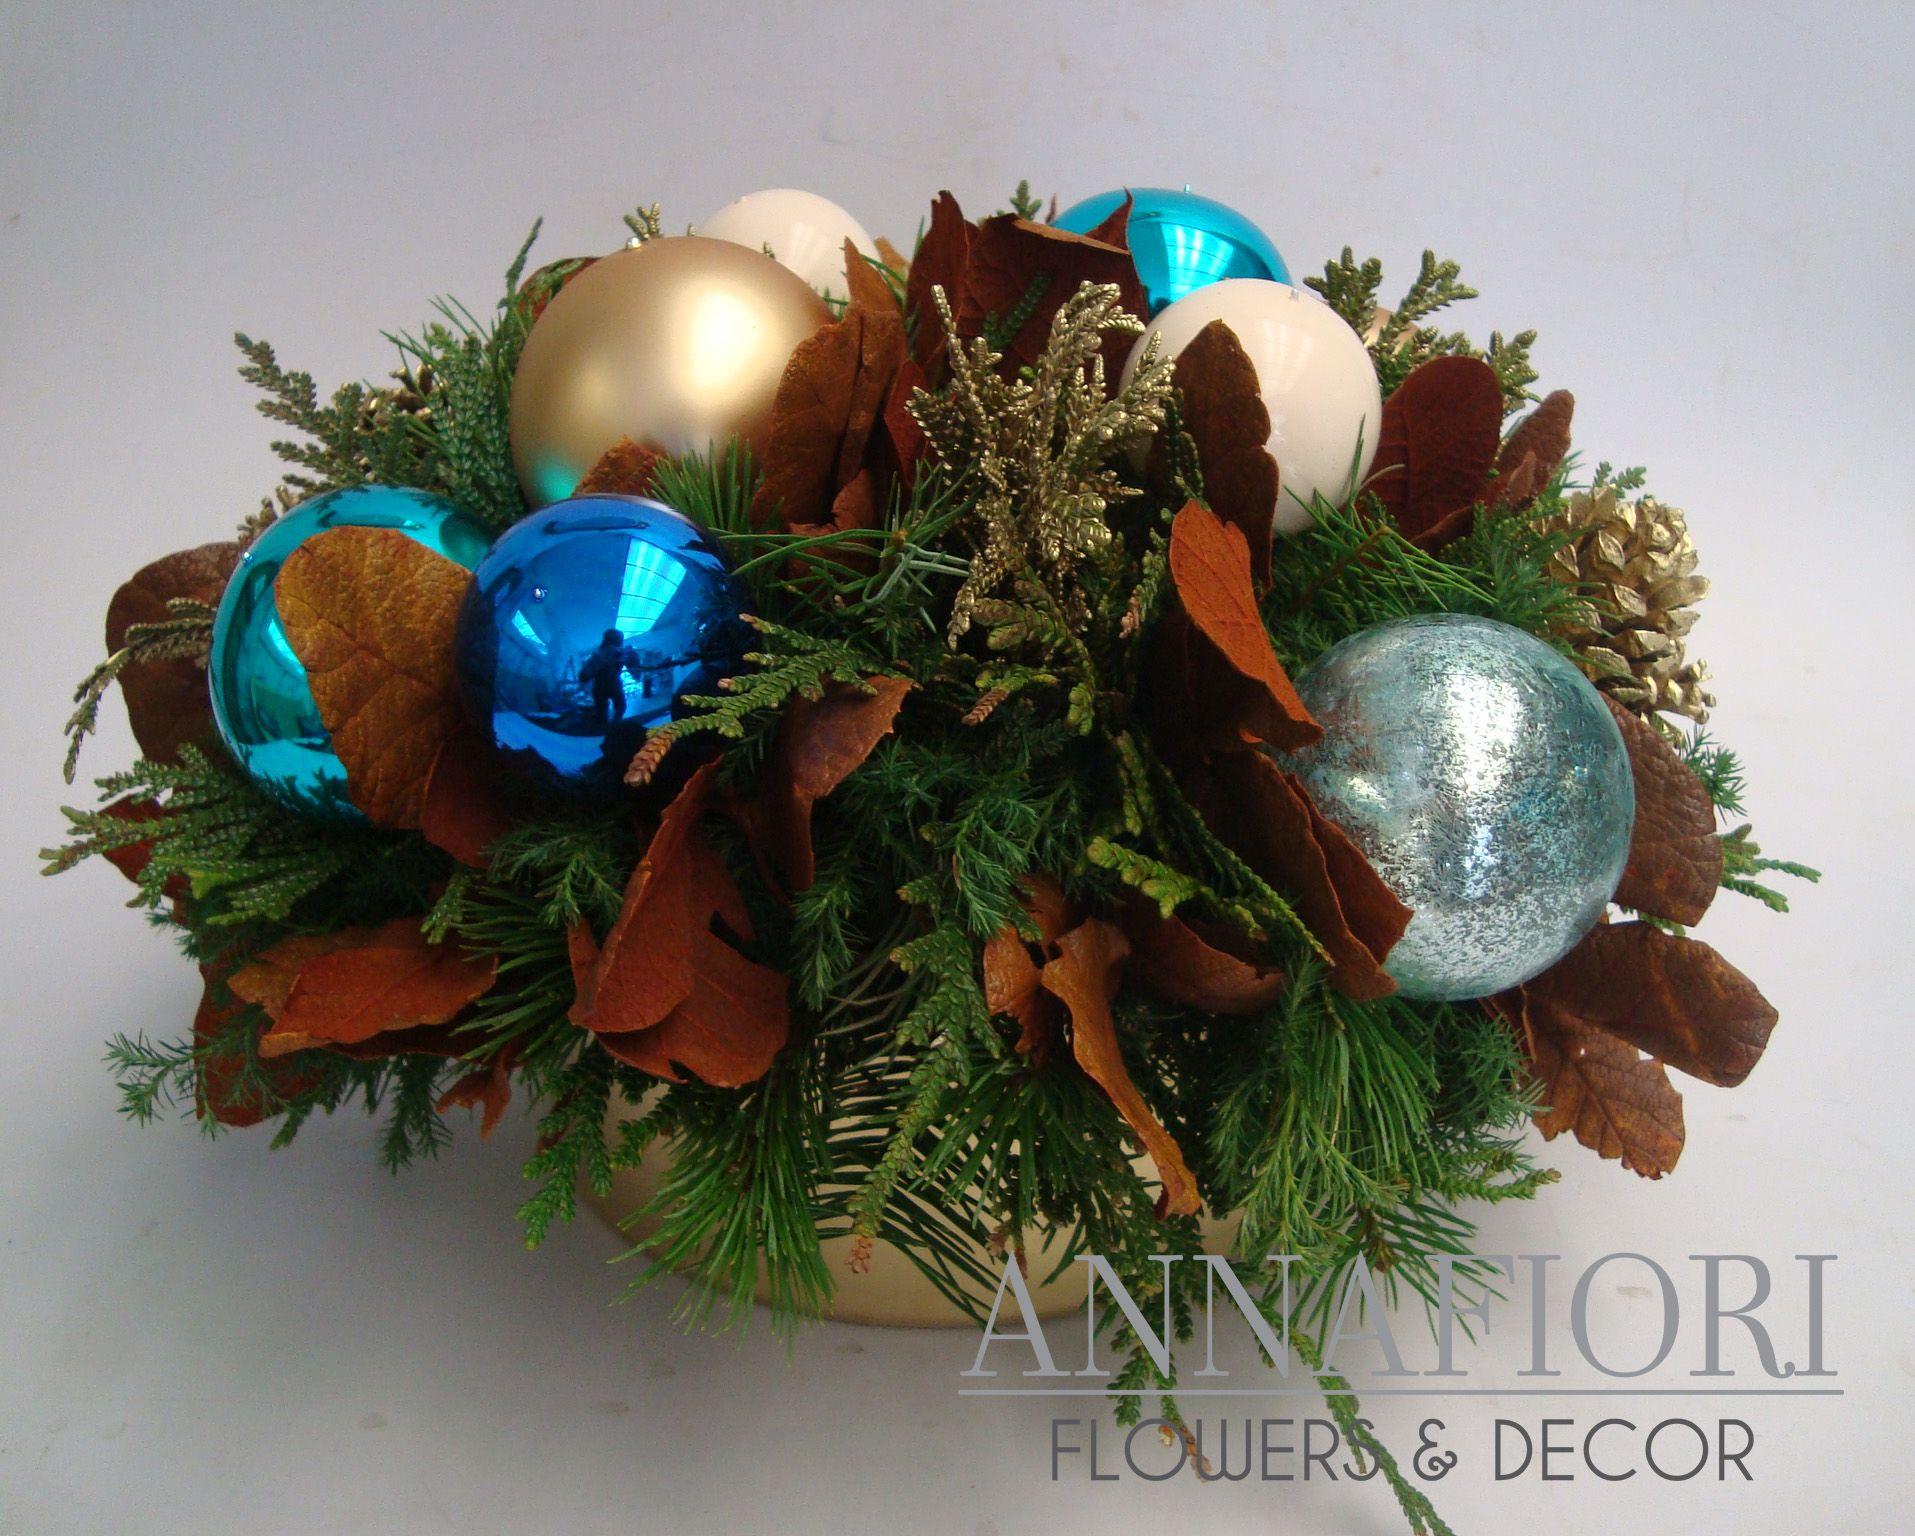 Arreglo floral centro de mesa rustico navide o annafiori - Centros de mesas navidenos ...